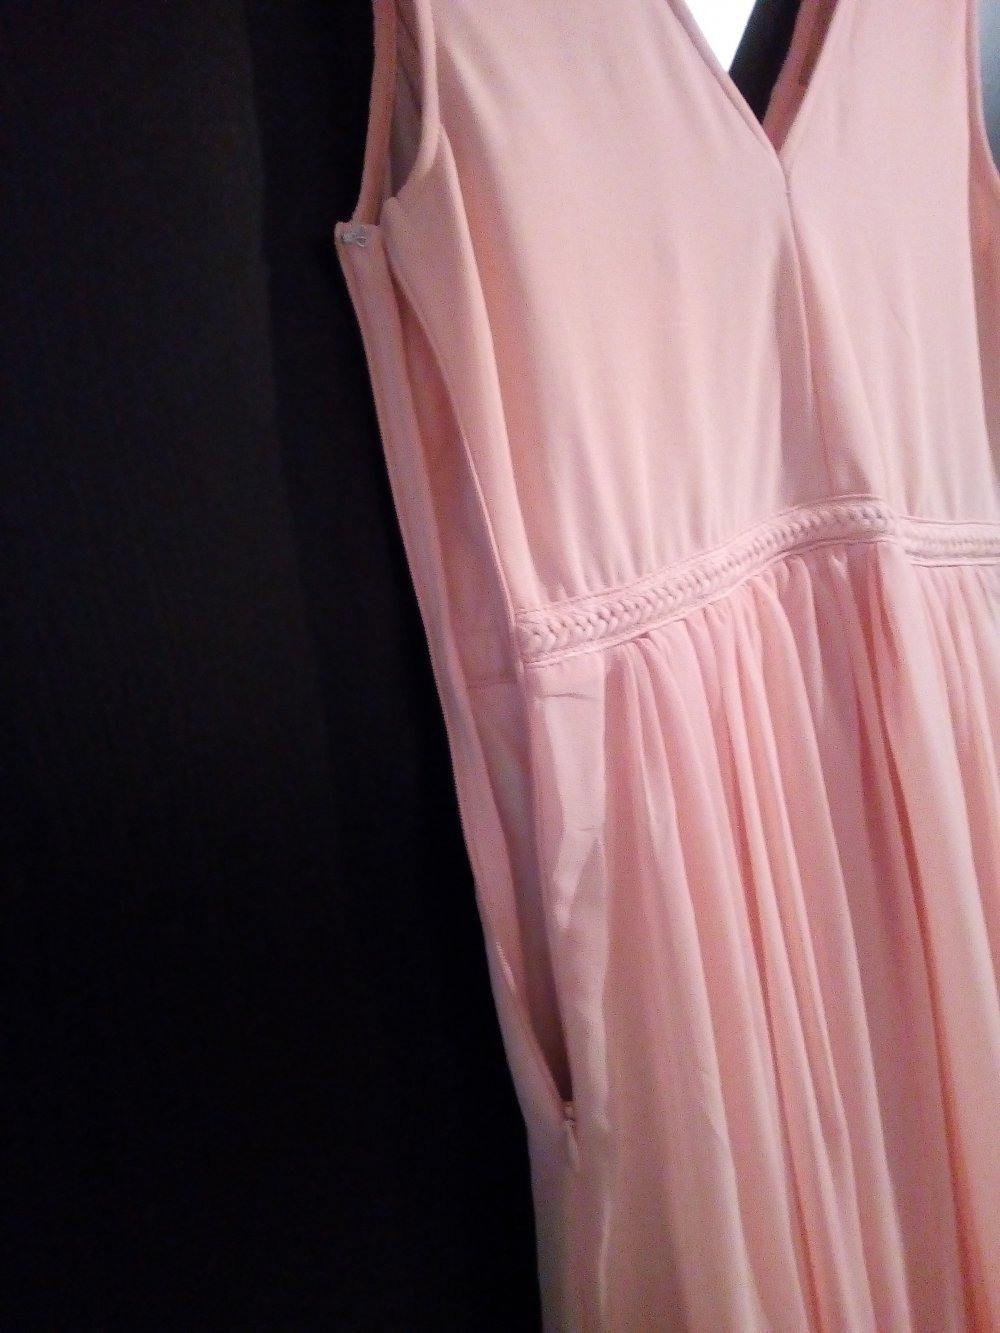 Einfach Abendkleid Xs Lang für 201920 Fantastisch Abendkleid Xs Lang Design